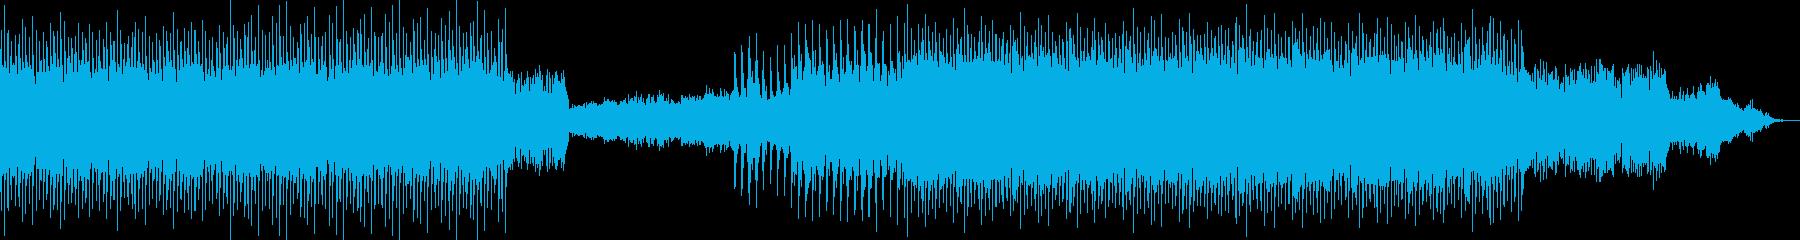 ドライブ向きのミニマルテクノの再生済みの波形